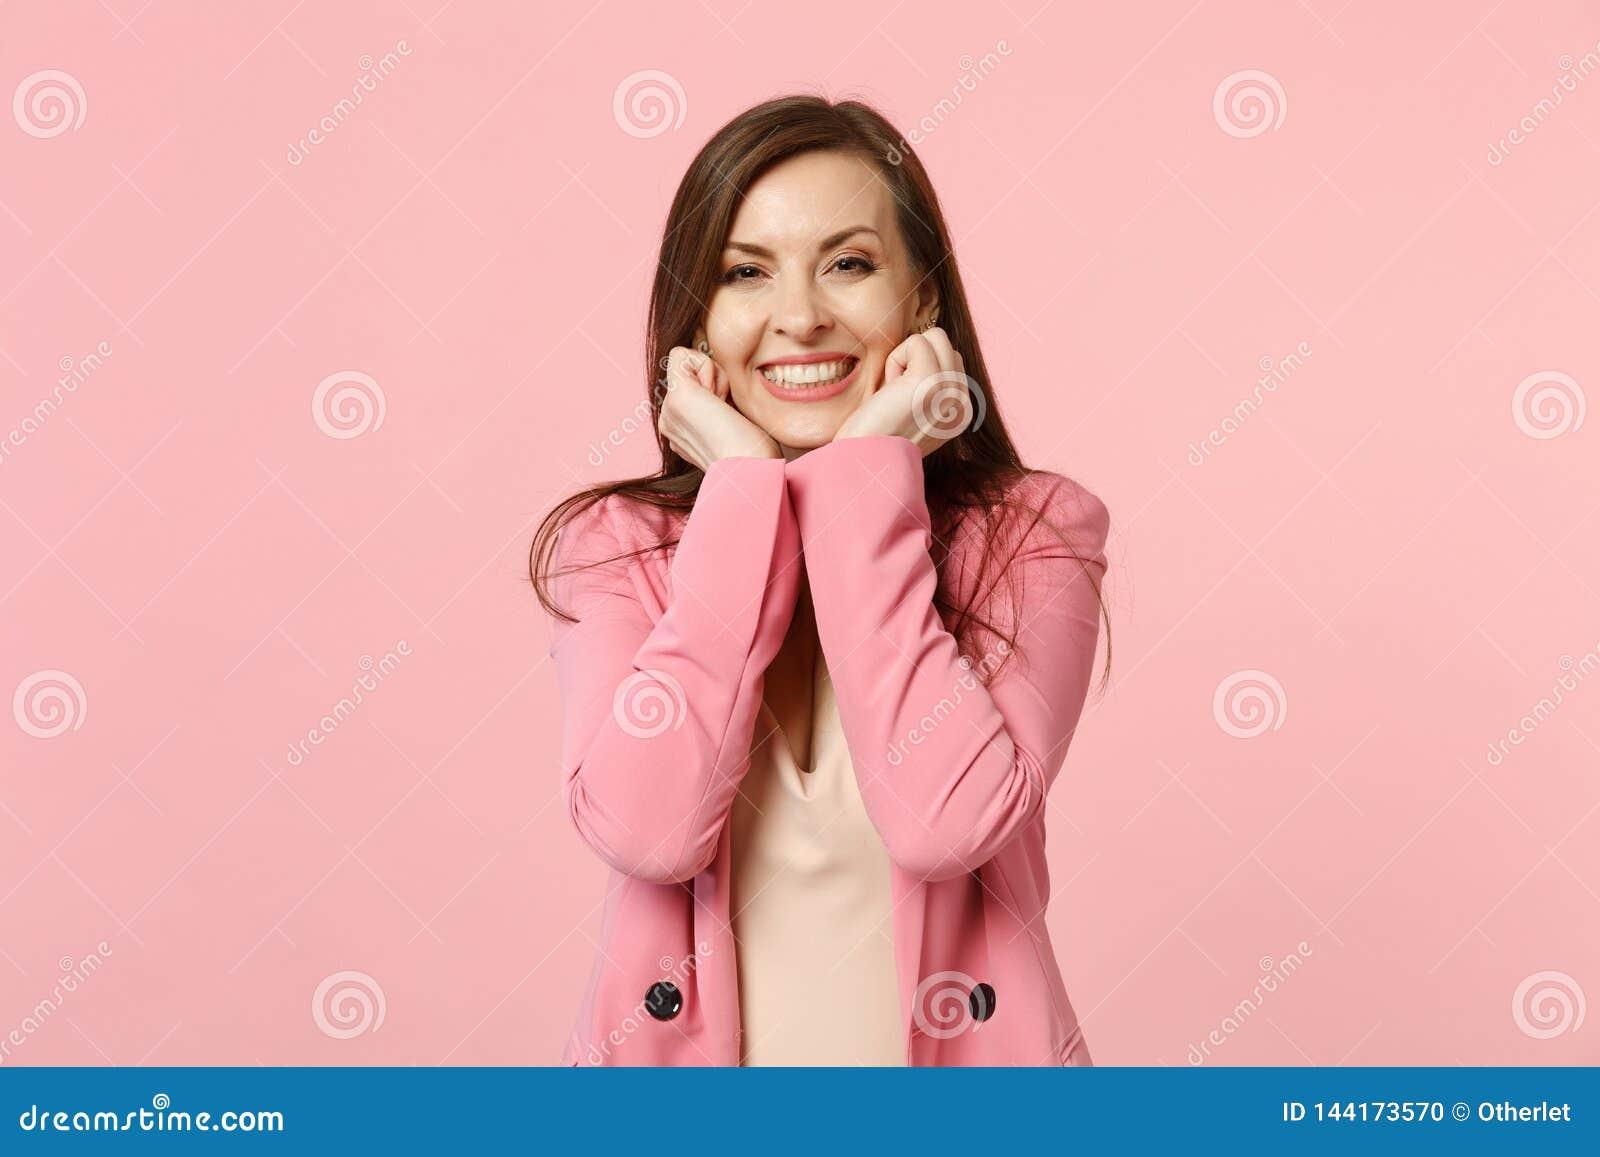 Αρκετά χαμογελώντας γοητευτική νέα γυναίκα που φορά το σακάκι που σφίγγει τις πυγμές εκμετάλλευσης κοντά στα μάγουλα στο ρόδινο τ